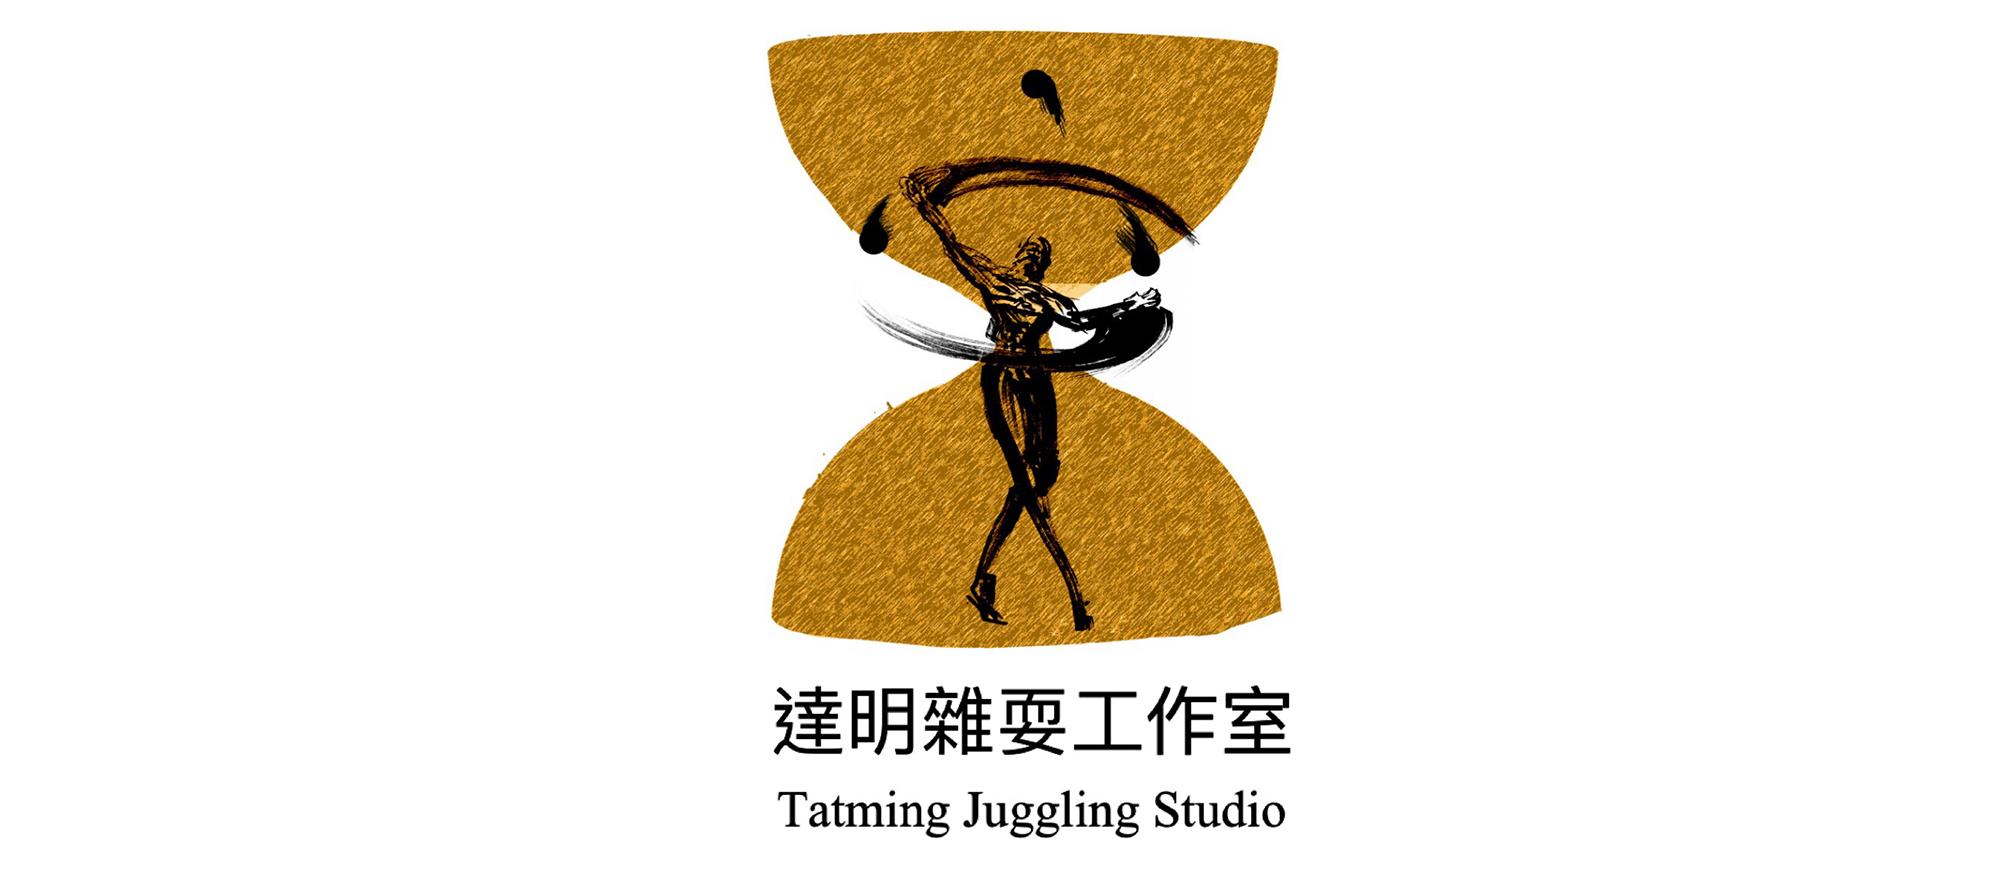 TATMING JUGGLING STUDIO,雜耍道具,TATGGLING,雜耍球,轉碟,扯鈴,自家設計,台灣,進口貨,藝術文化,價錢合理,優質,專業